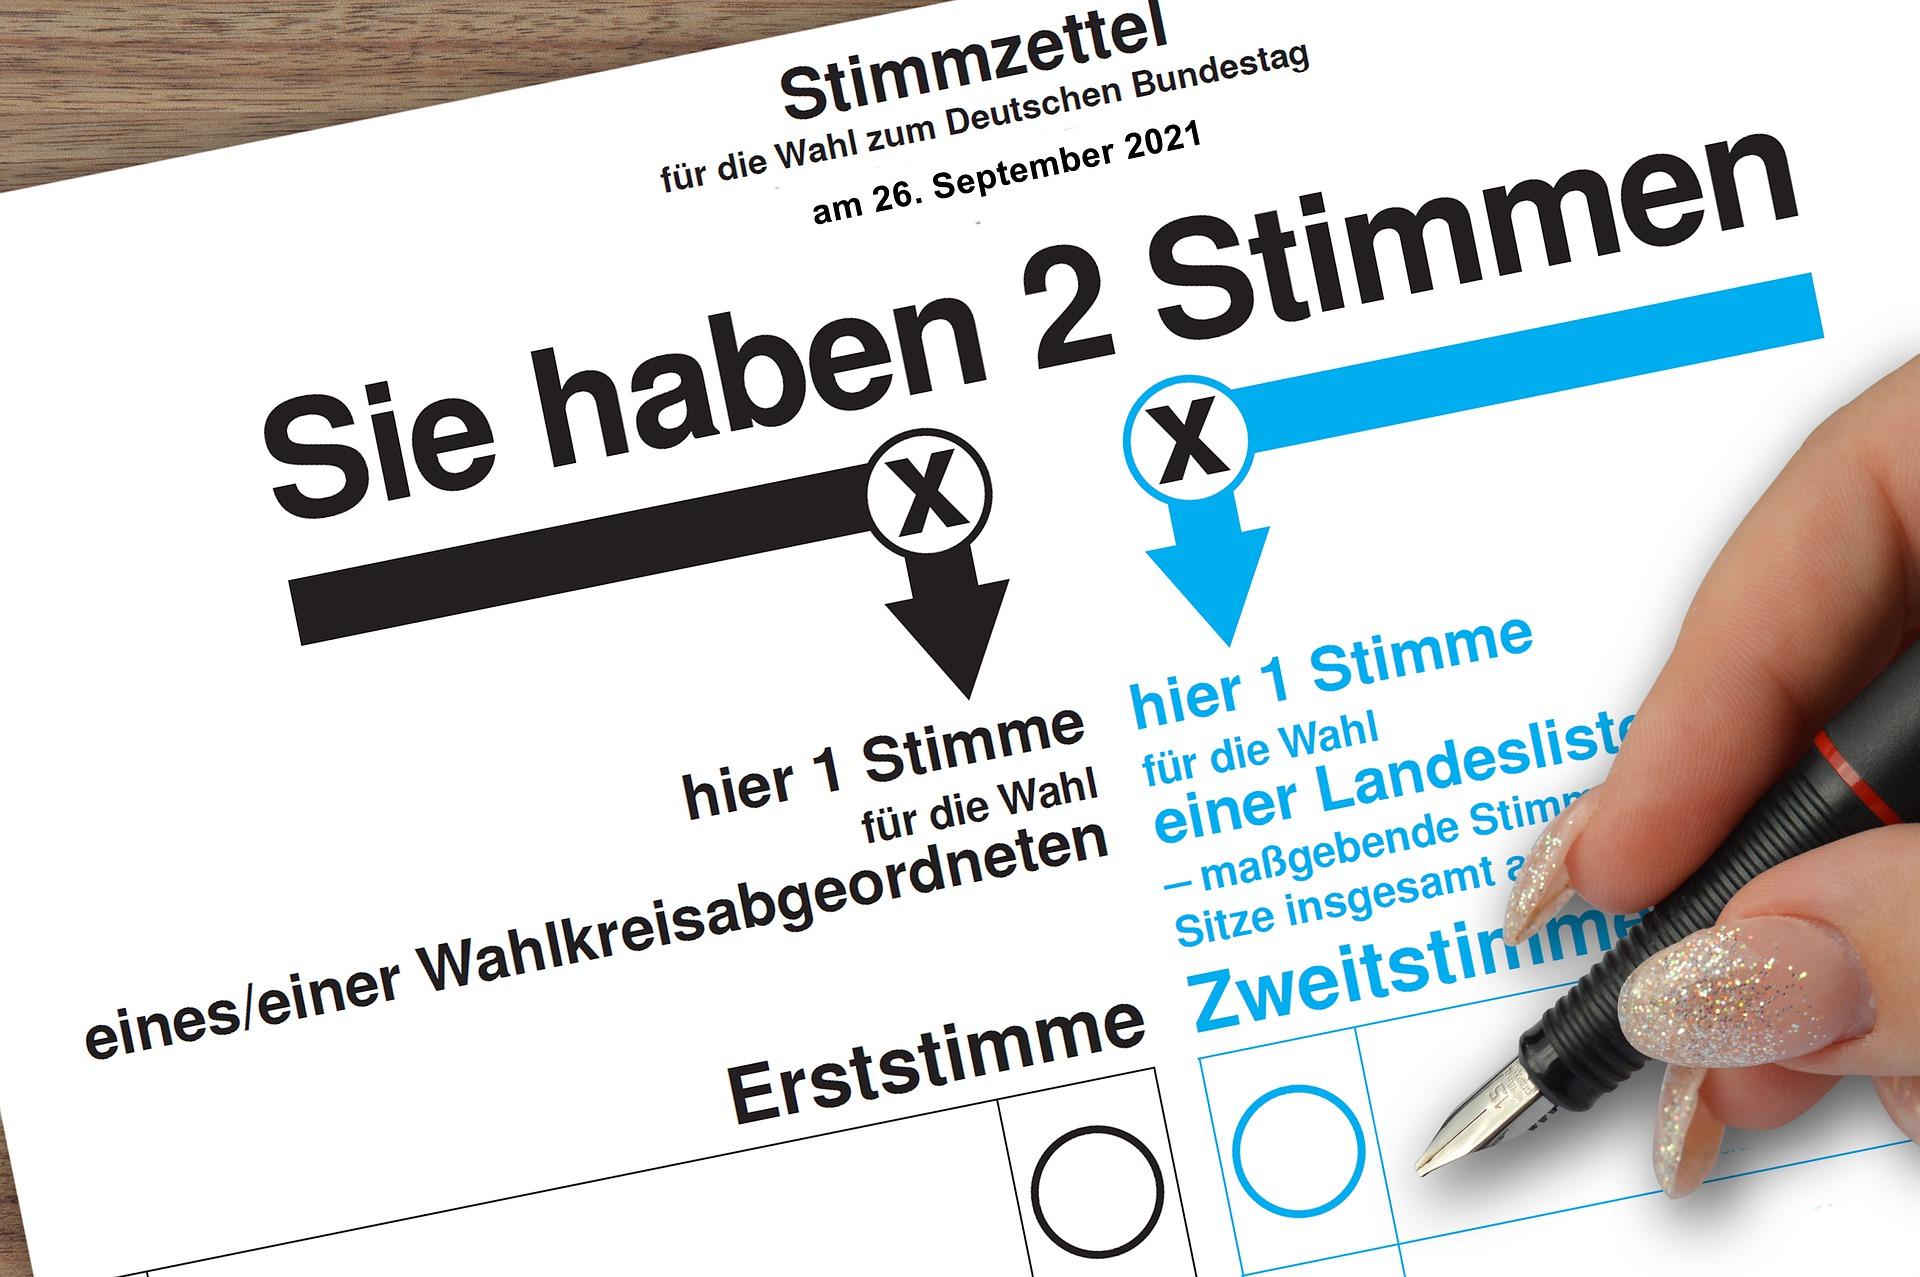 https://www.geesthacht.de/Aktuelles/Bahnanbindung/